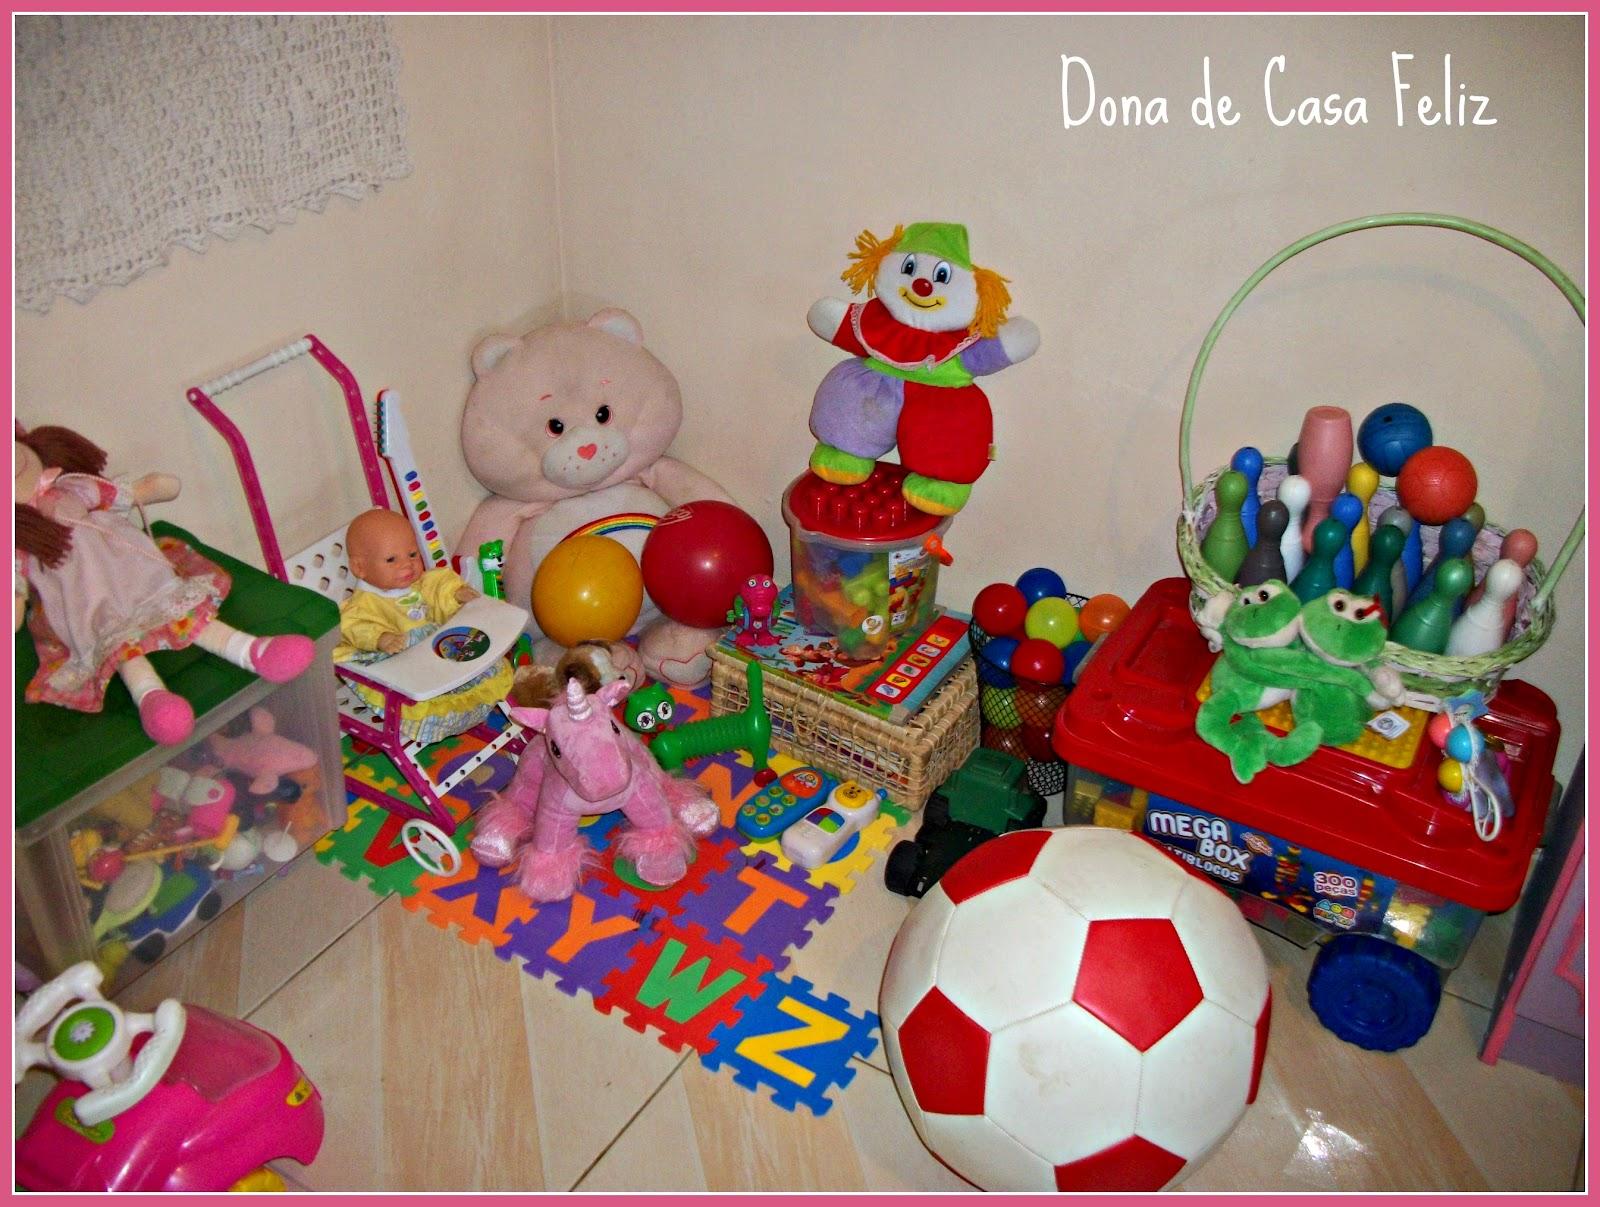 coloridas) além dos bichinhos de pelúcia e da caixa de brinquedos #B4171C 1600x1207